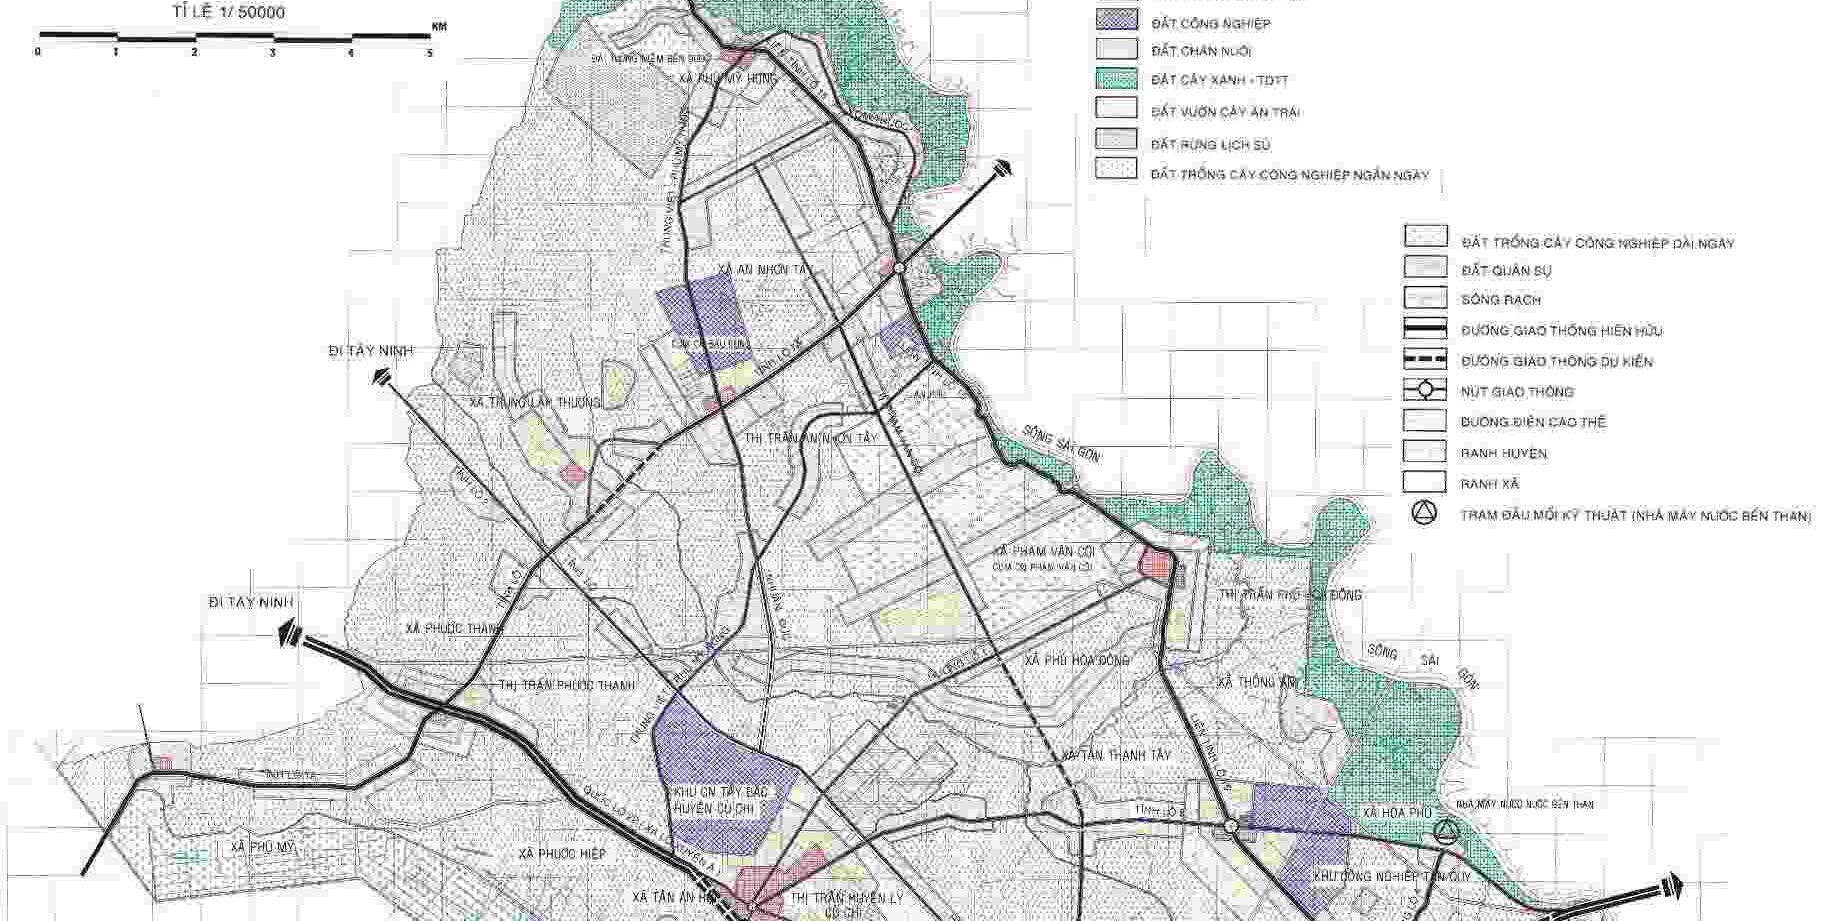 Quy hoạch huyện Củ Chi Tp - Bản đồ quy hoạch tổng thể